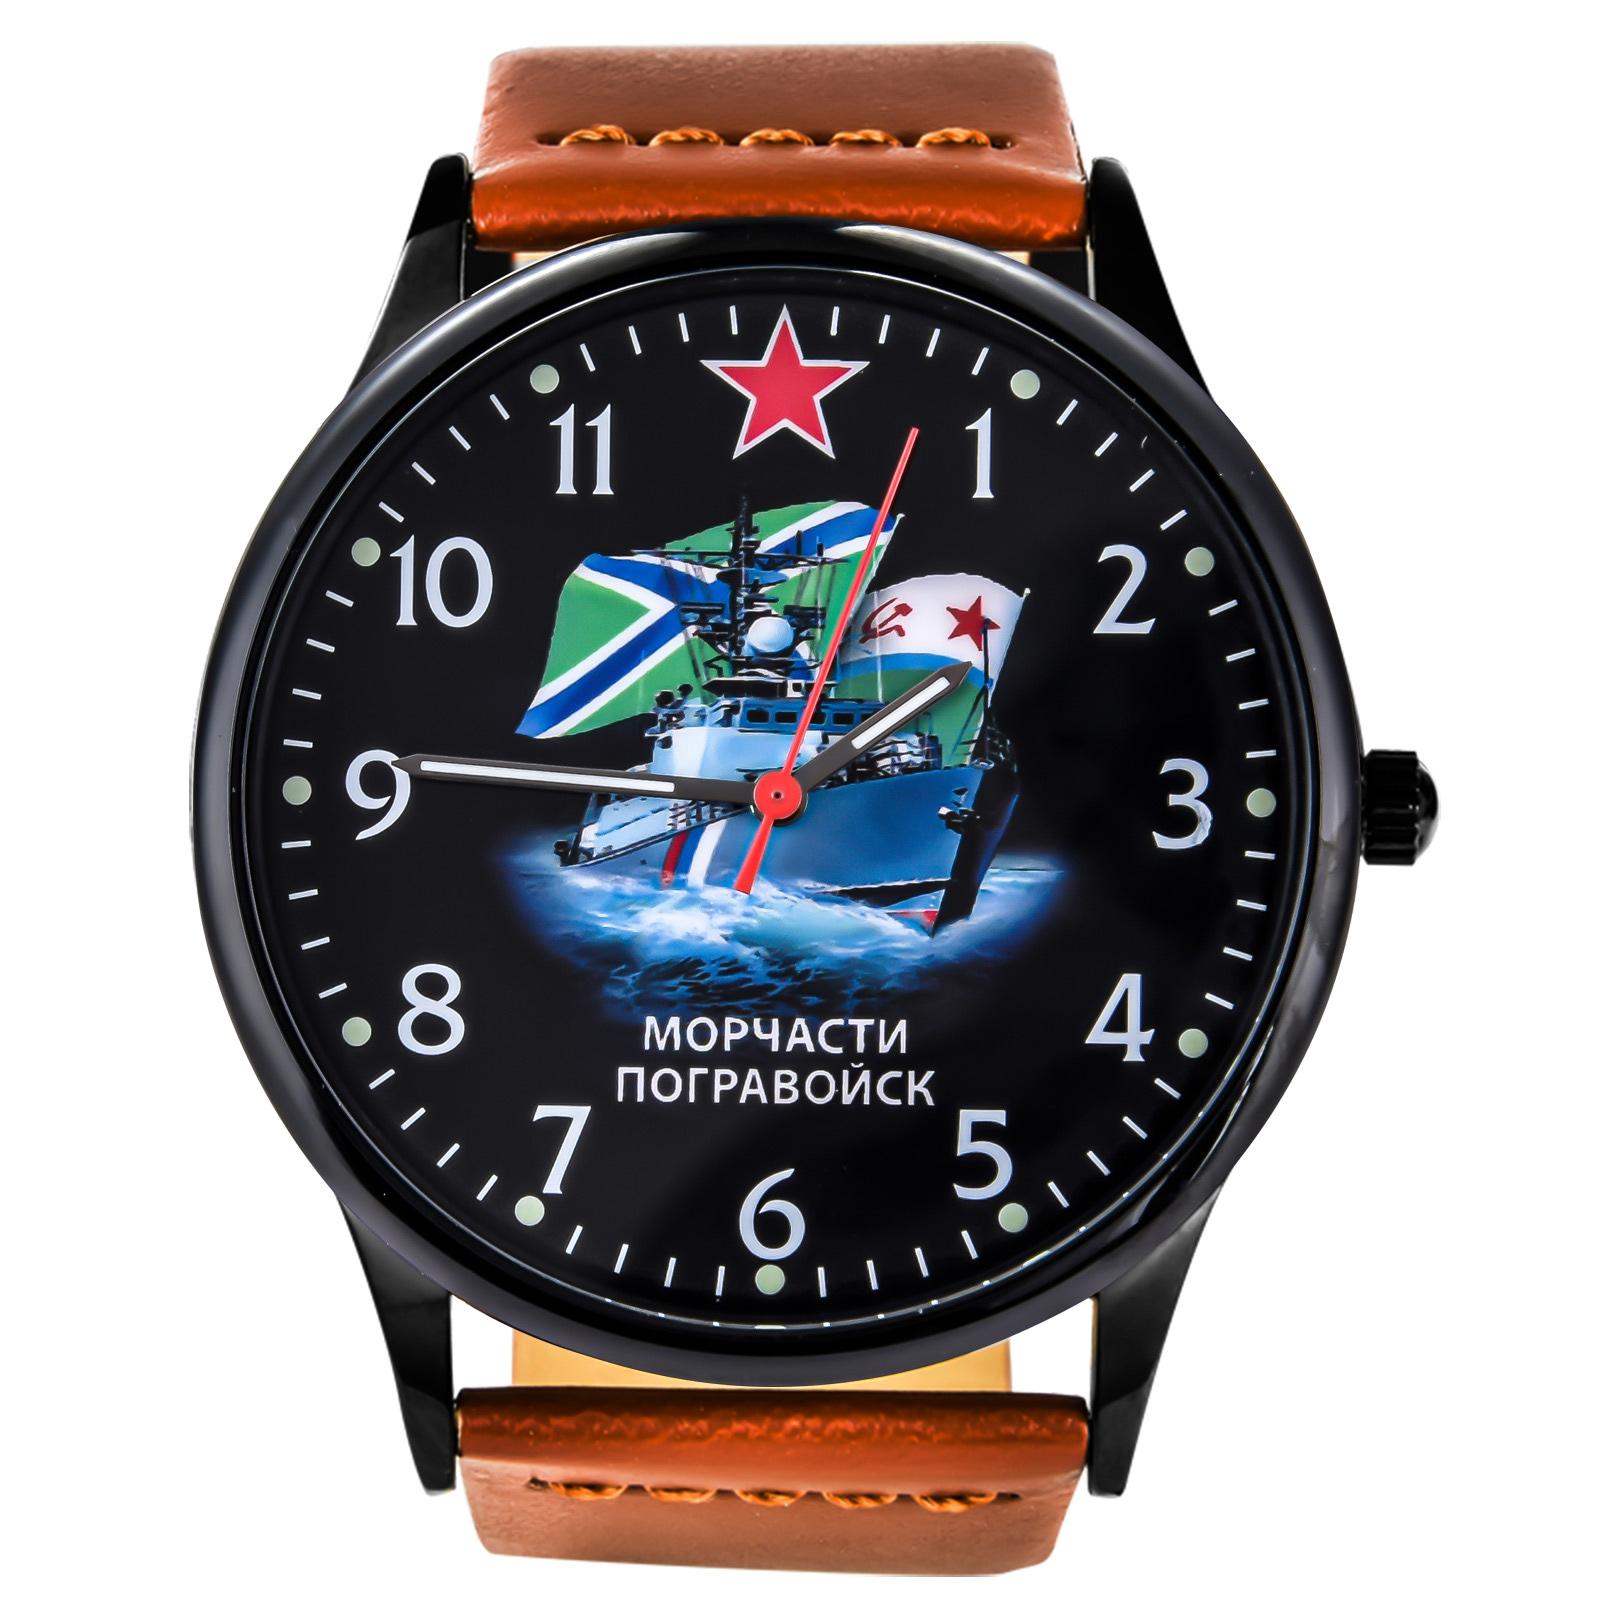 Наручные командирские часы Морчасти Погранвойск купить в Военпро